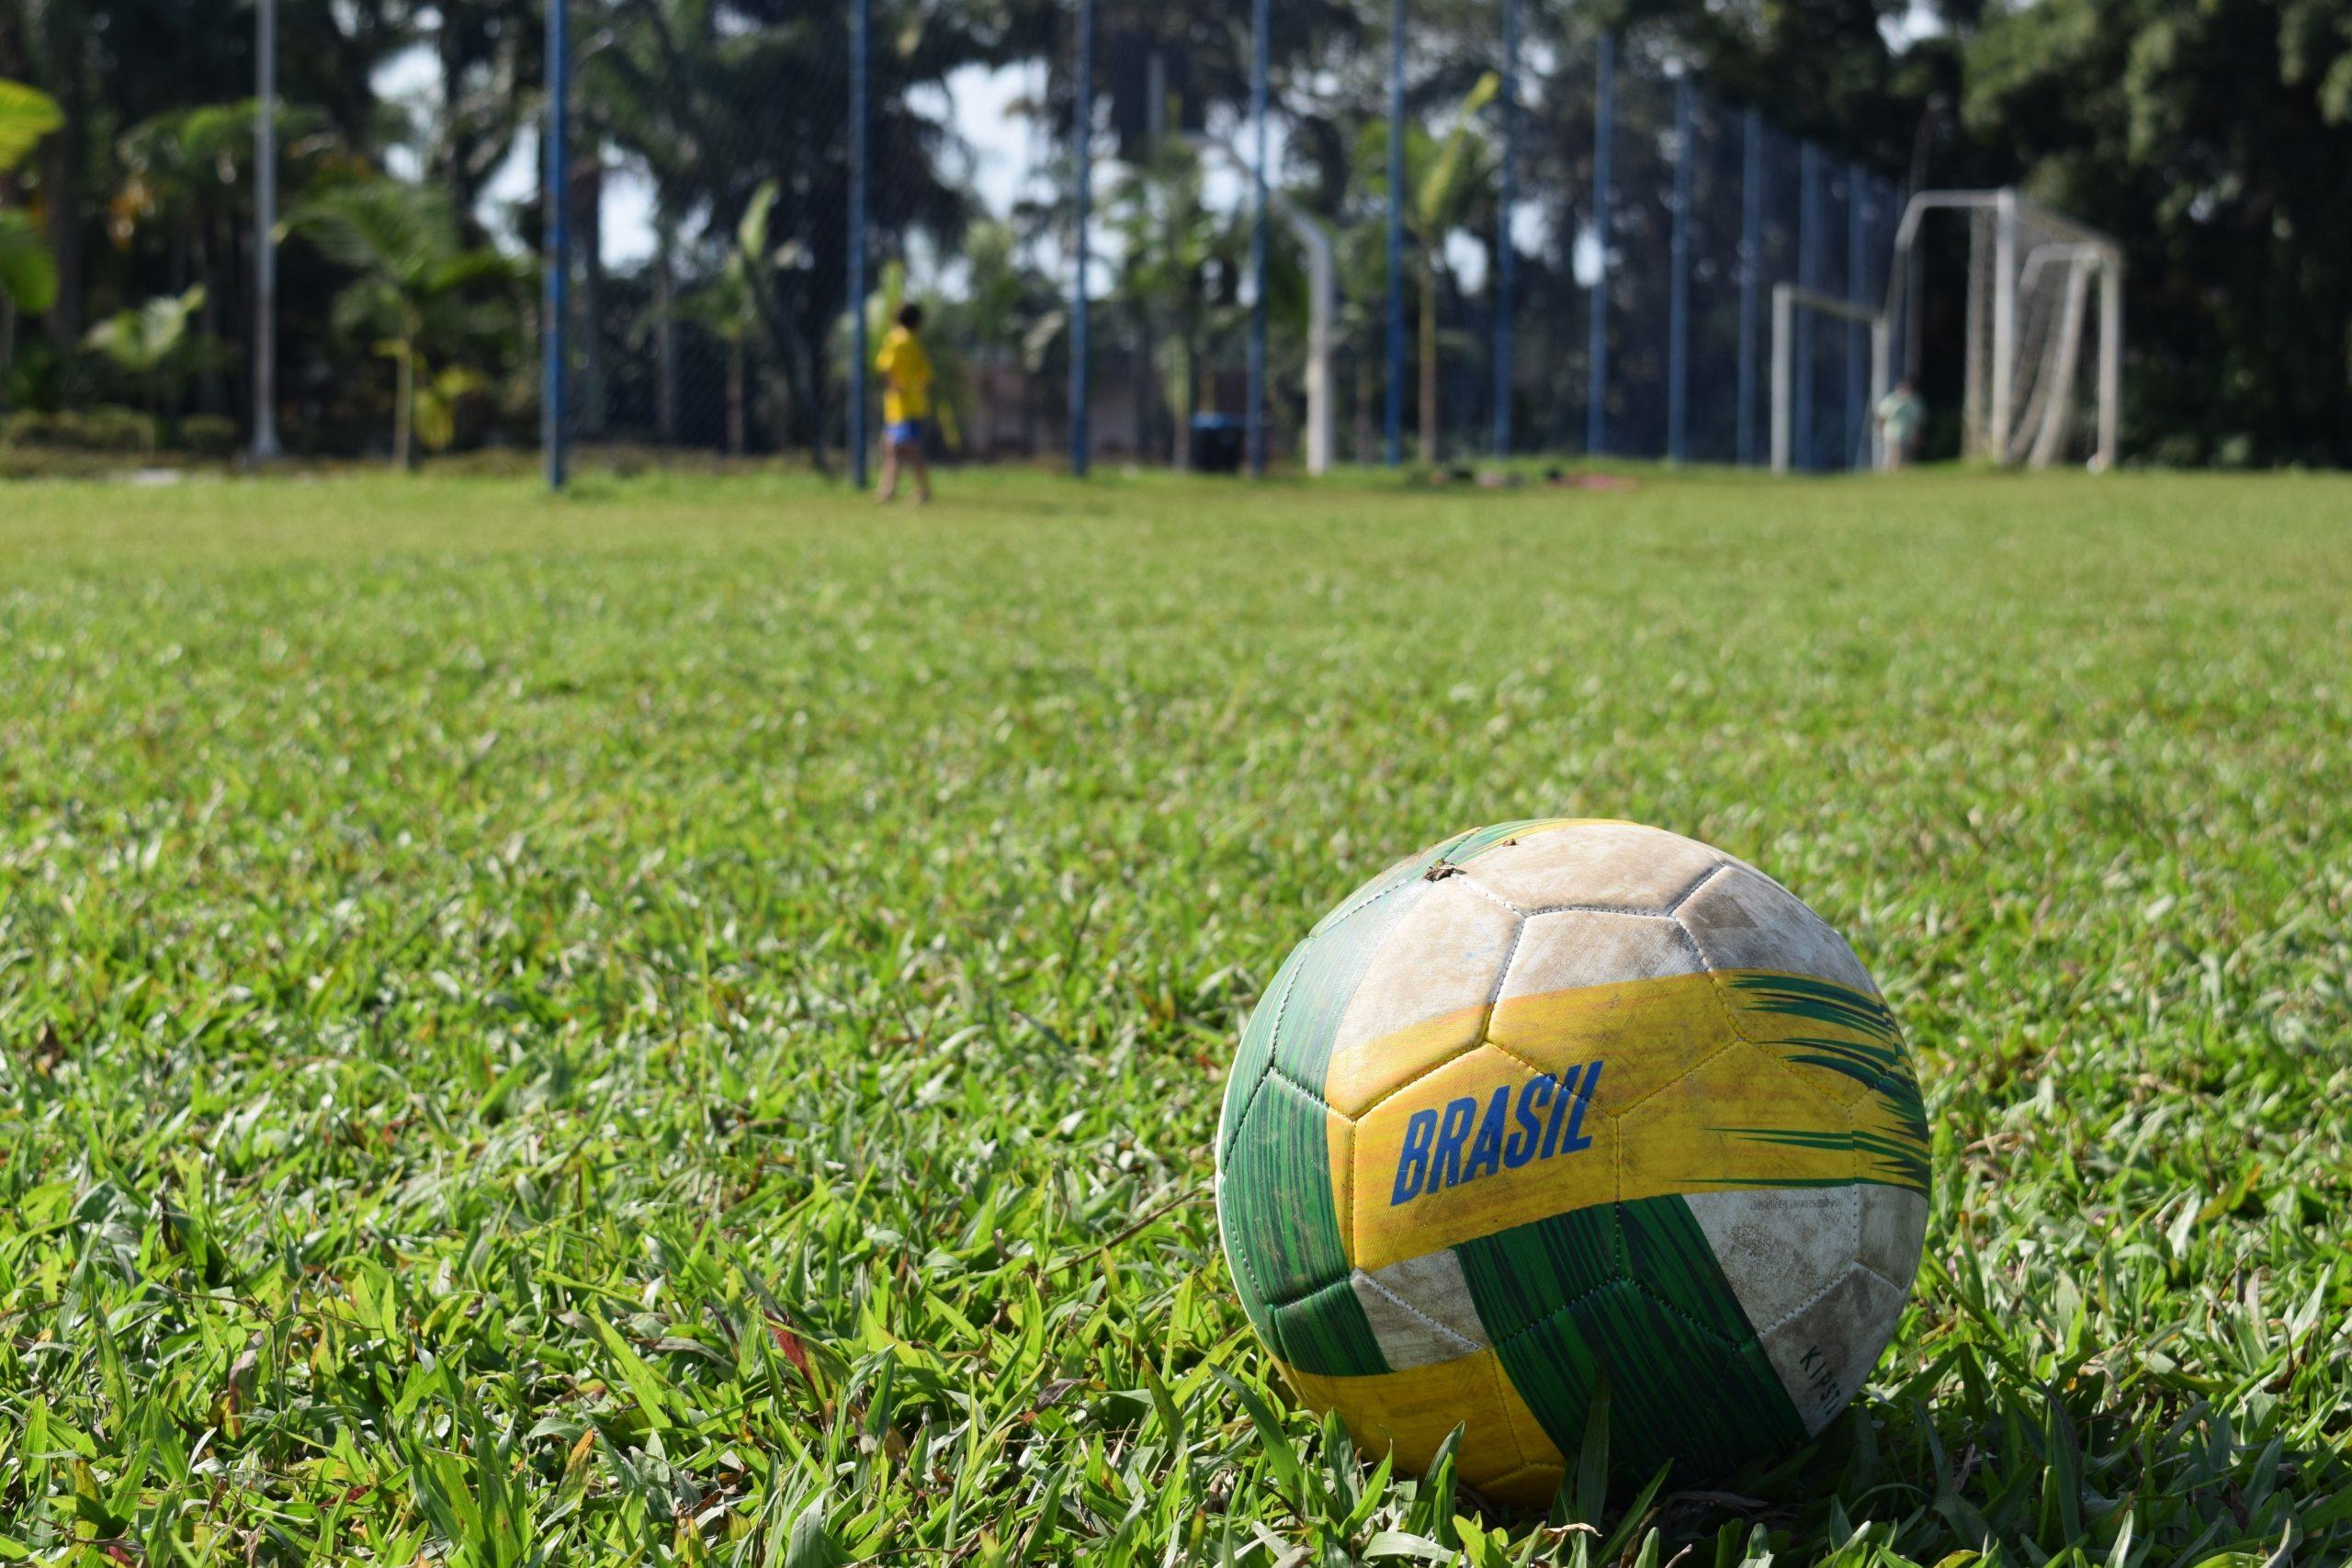 O Brasil é o único país presente em todas as Copas do Mundo